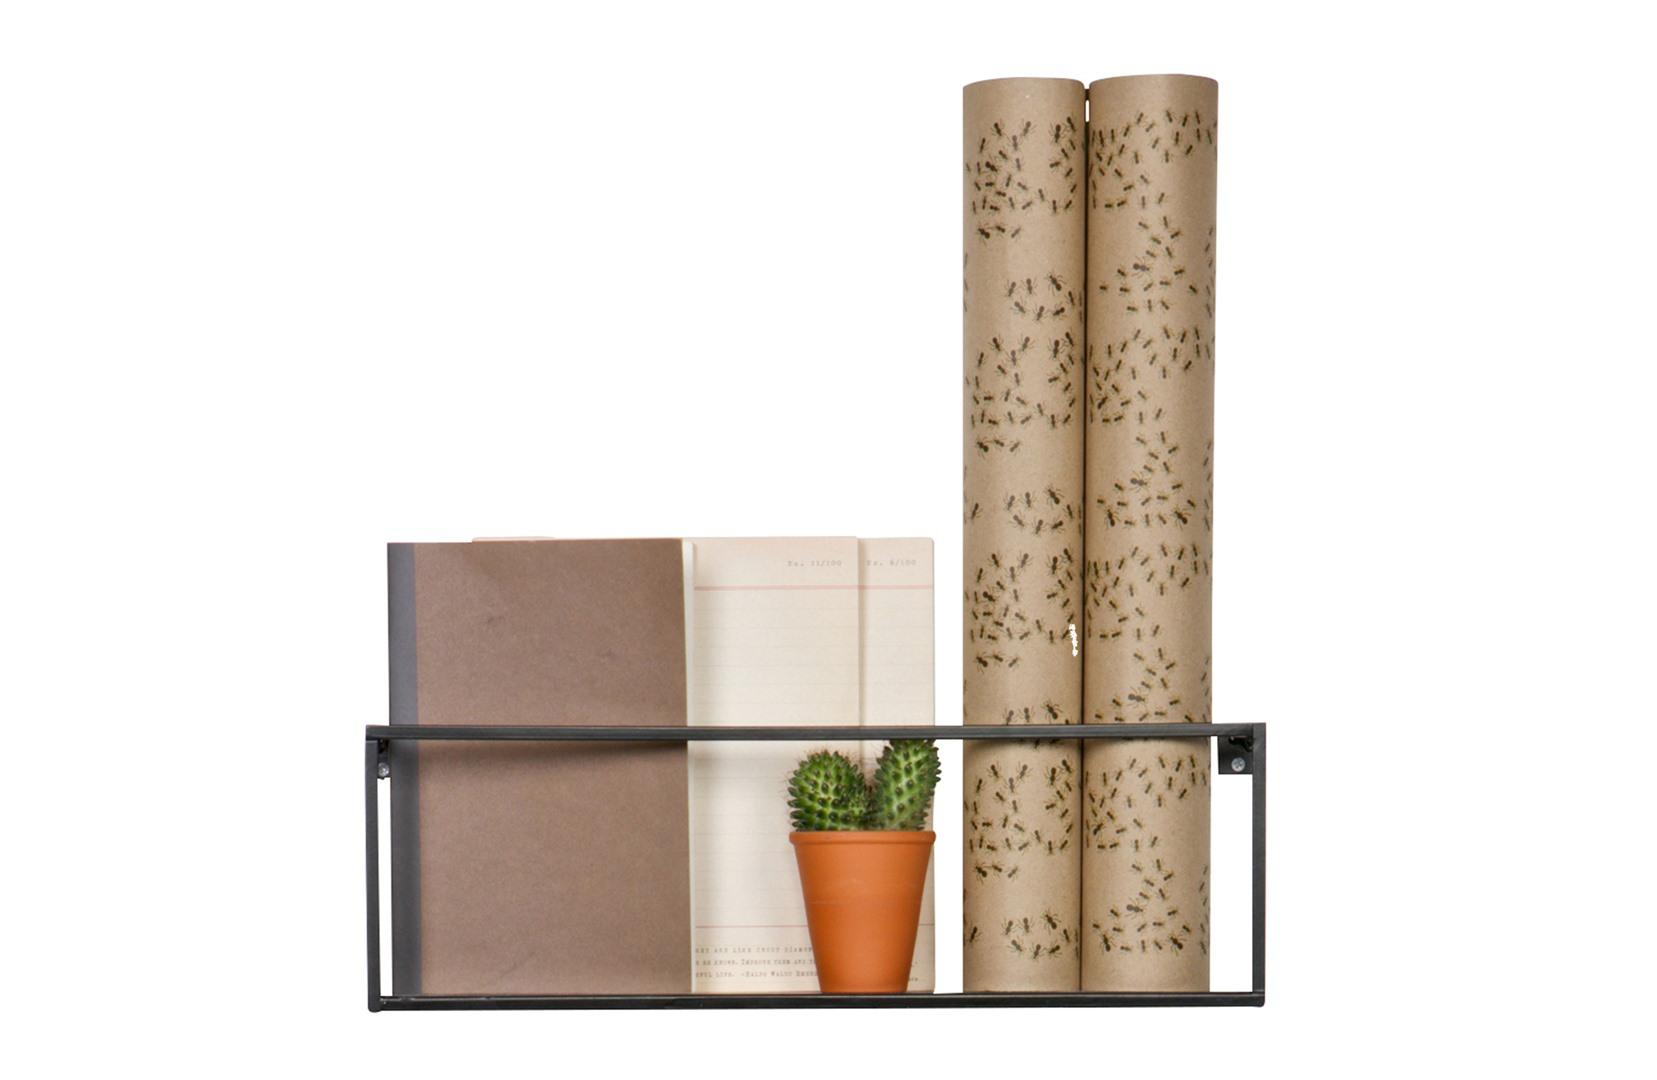 Wandplank Zwart Metaal.Wandplank 50cm Zwart Metaal Krea